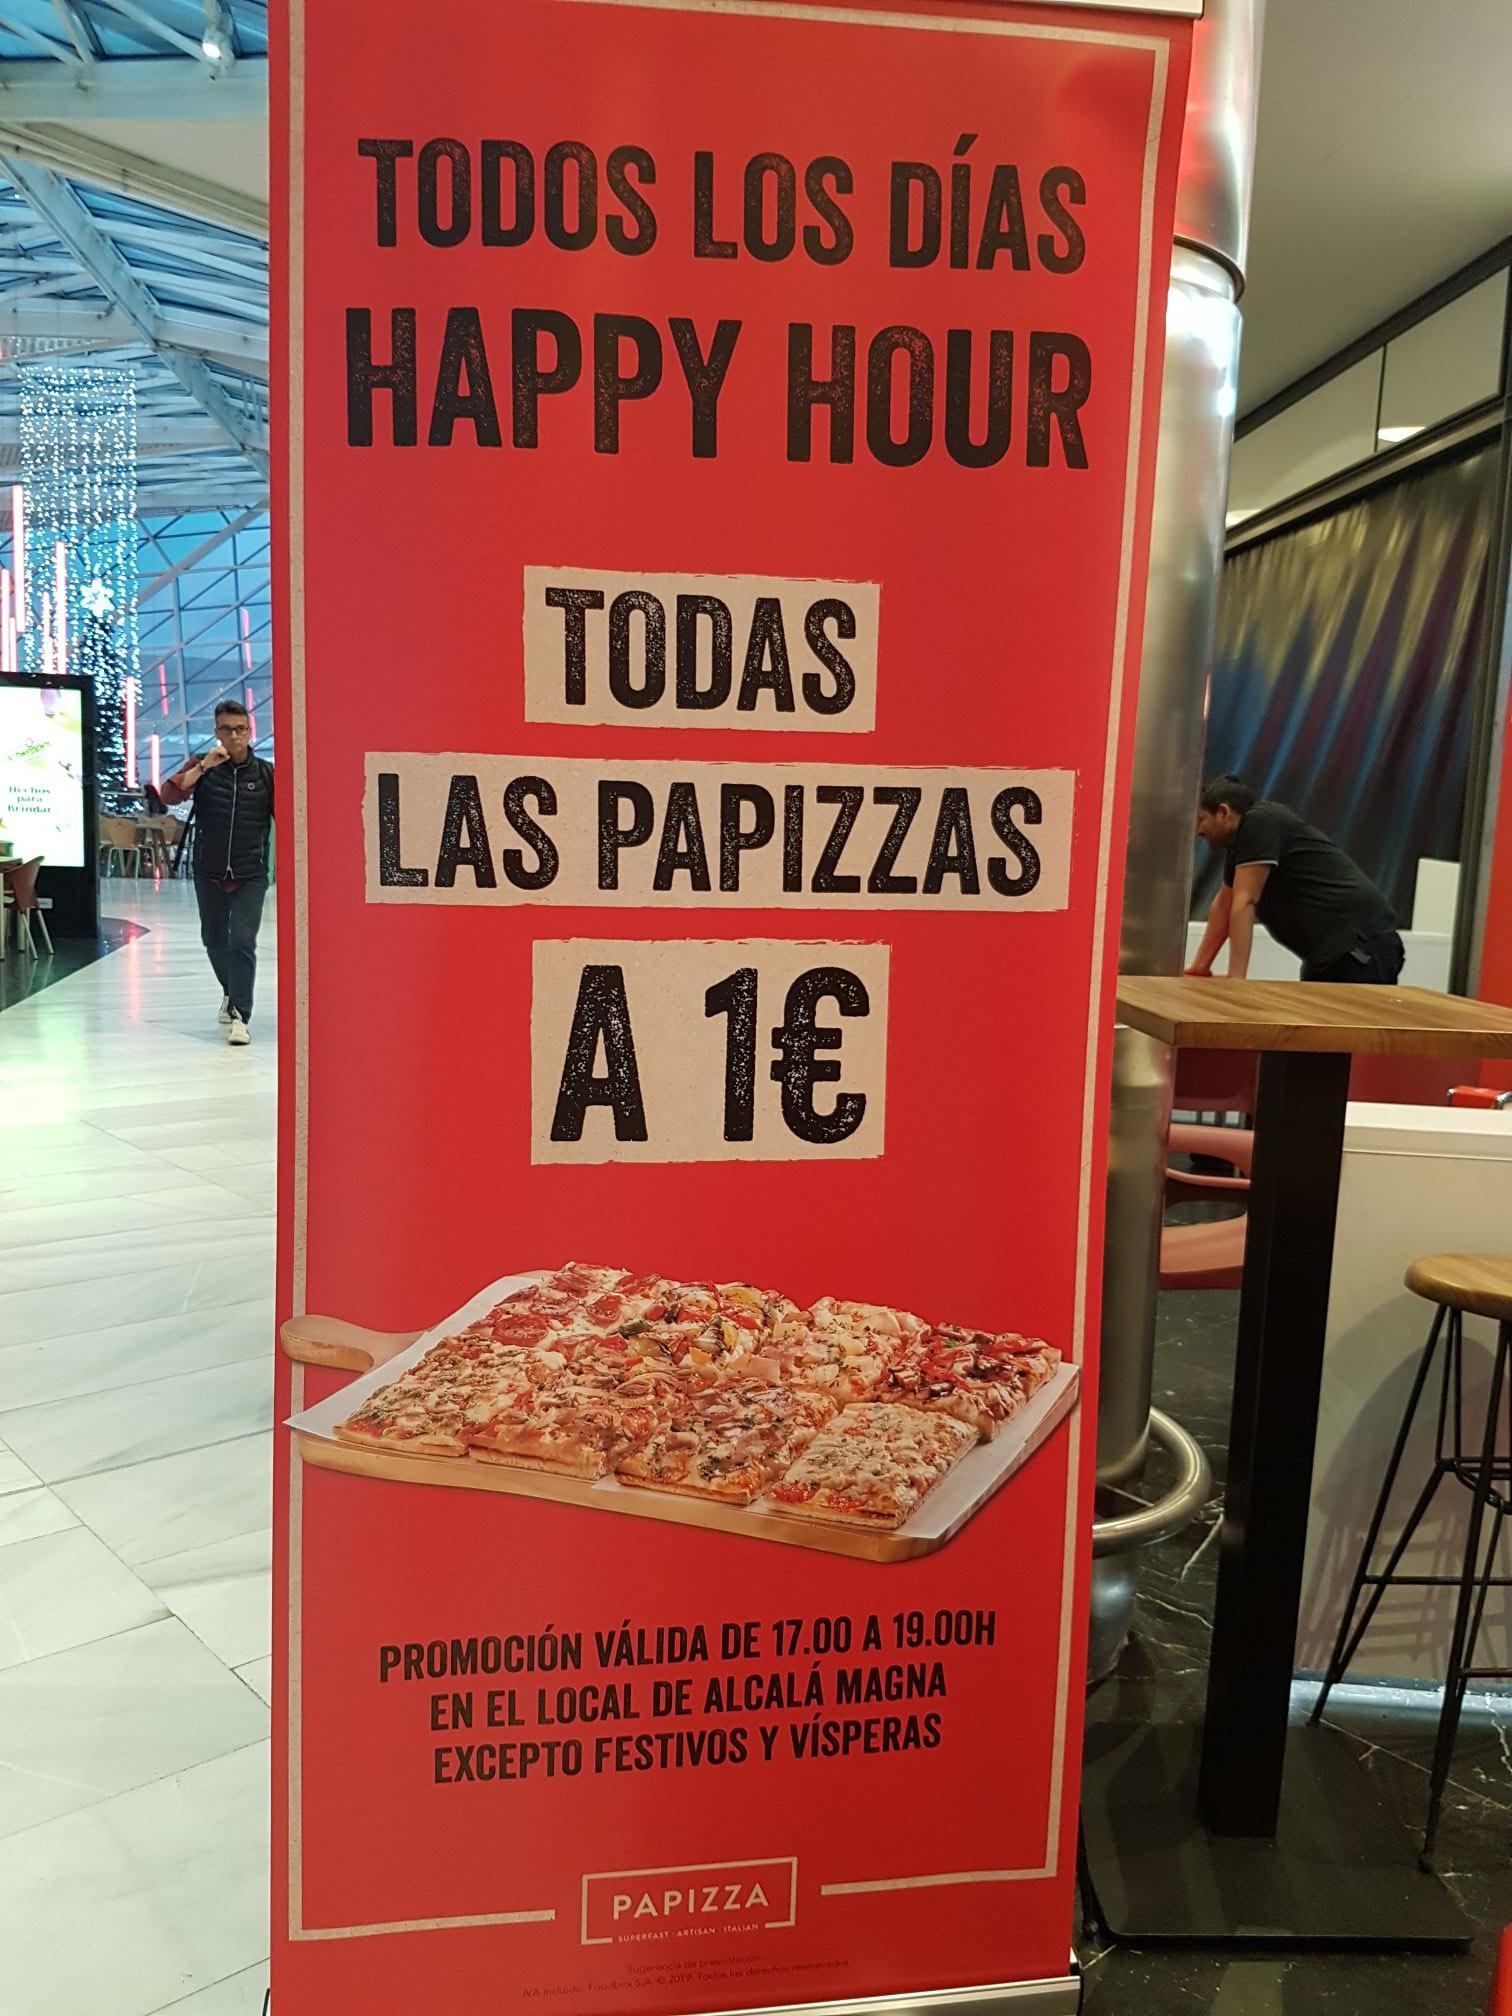 Papizza 1€ de 17:00 a 19:00